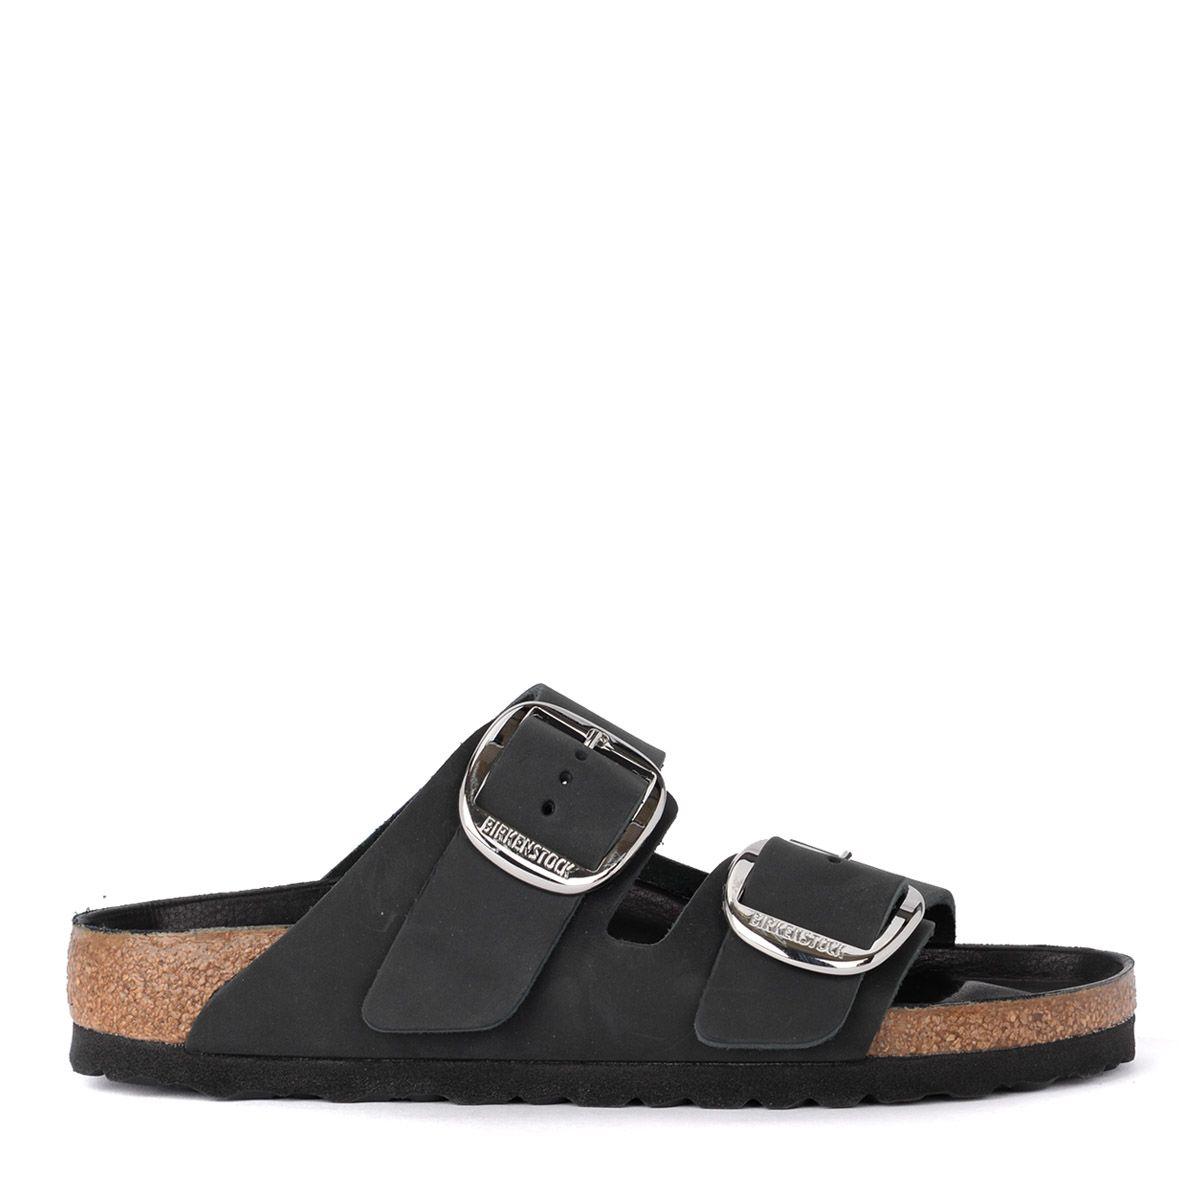 d21eba86c1f55 Arizona Big Buckle Black Leather Sandal - Premium. buckle slip-on slides.  Birkenstock